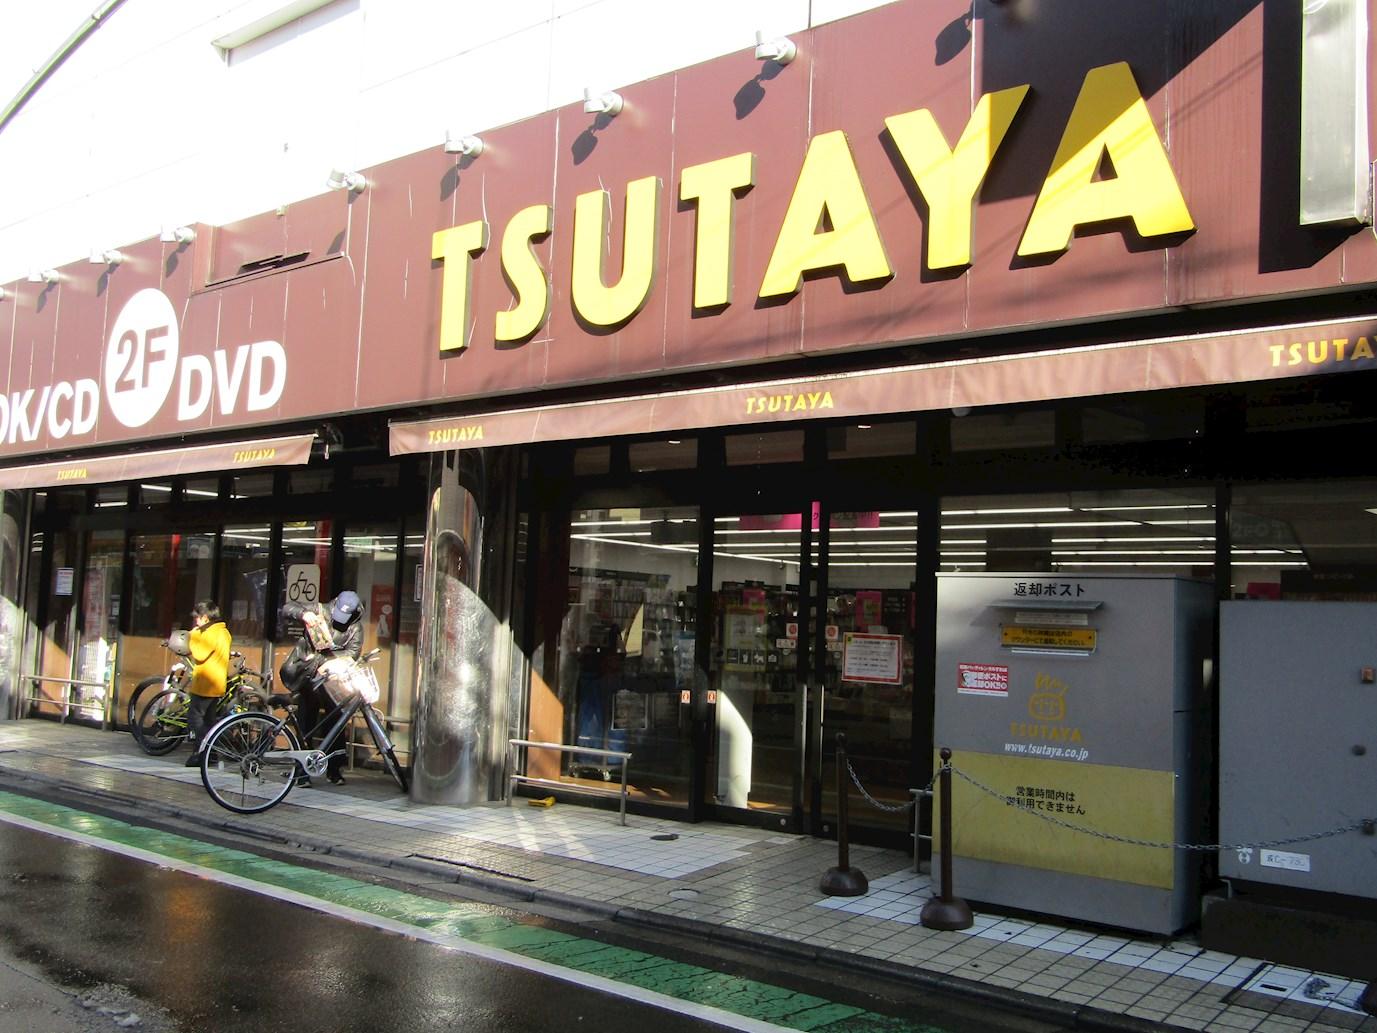 ショッピング施設:TSUTAYA 祖師谷大蔵店 598m